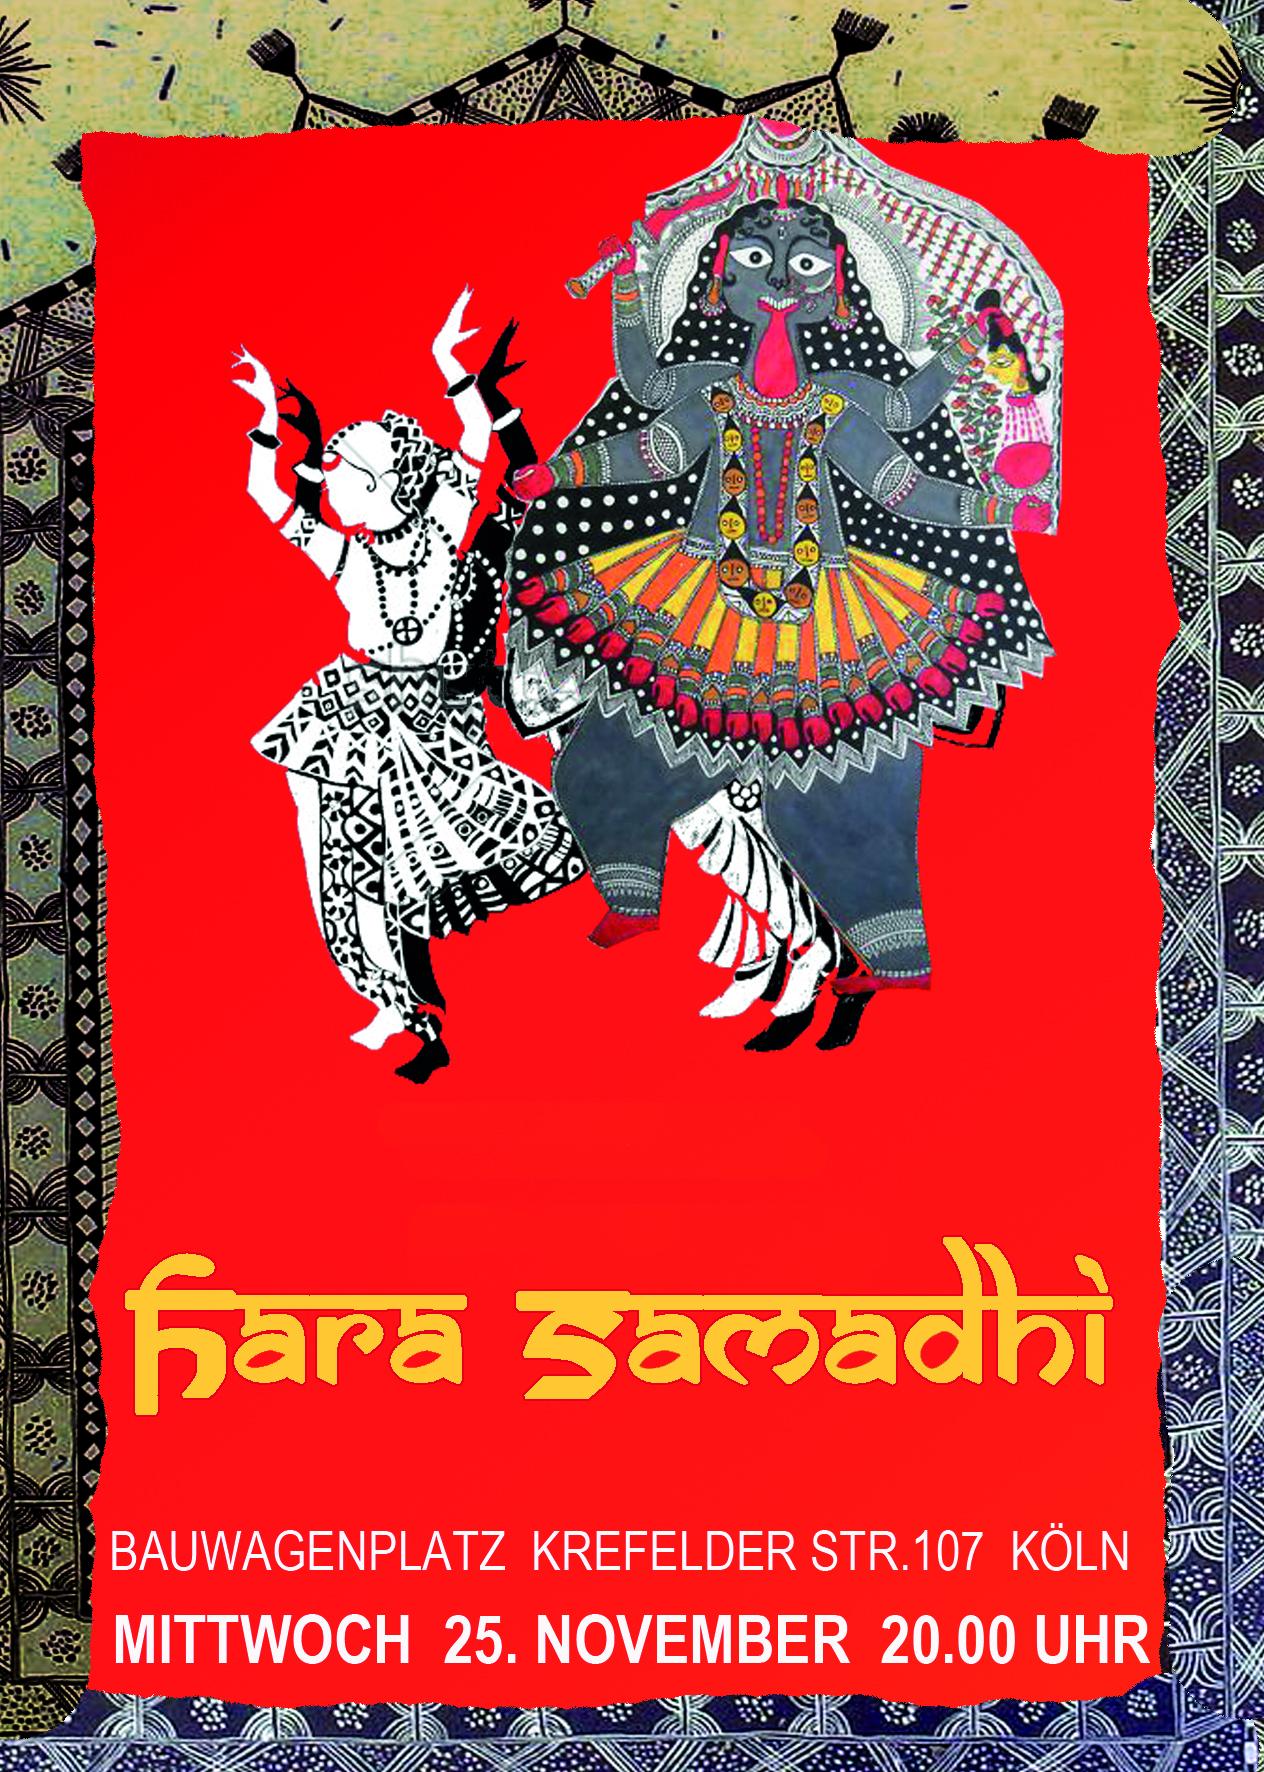 HARA SAMADHI